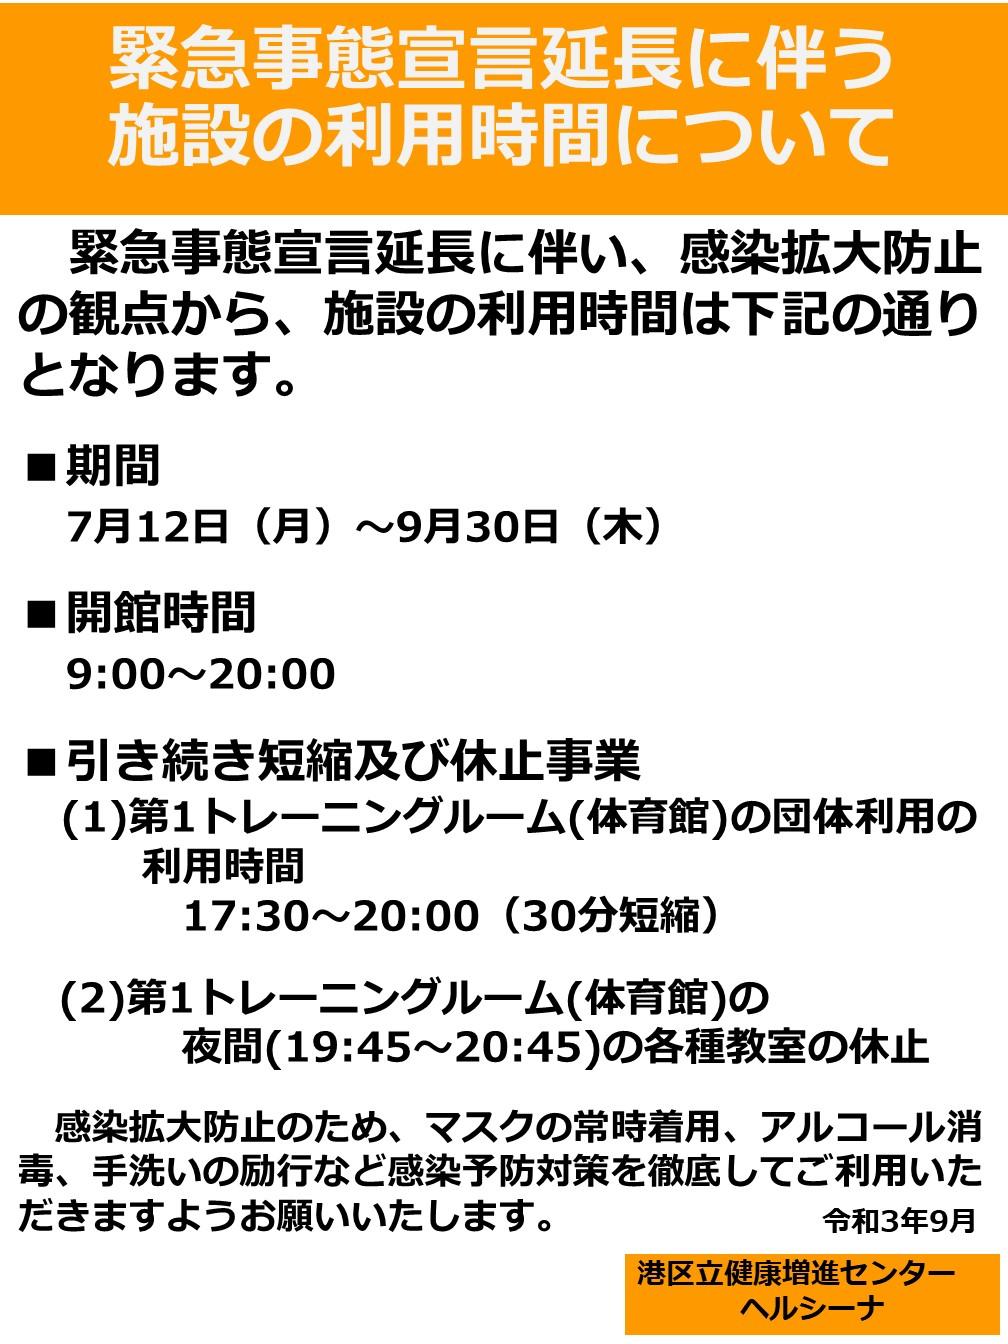 20210911(掲示)(施設)緊急事態宣言延長に伴う施設の利用時間について.jpg